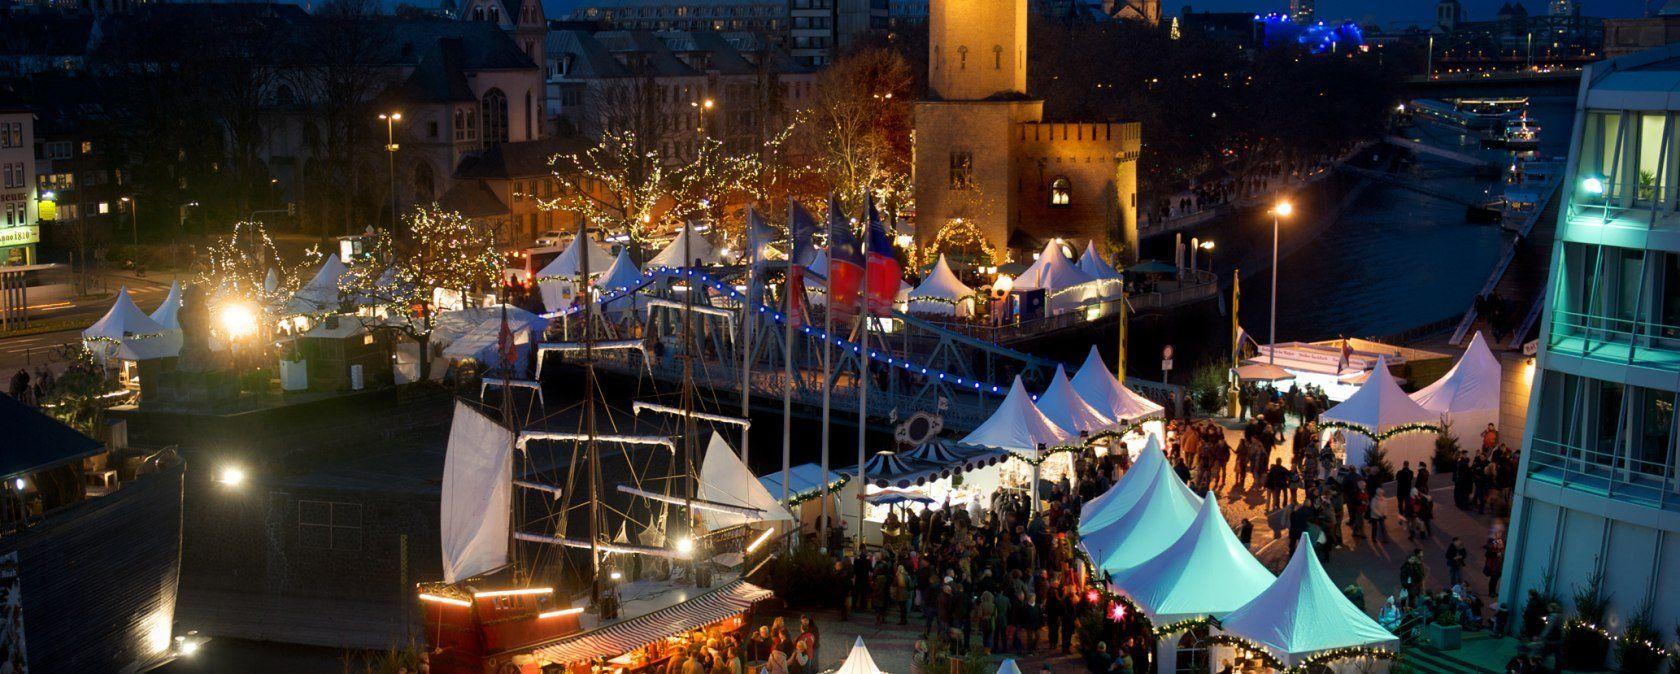 Kölner Hafen Weihnachtsmarkt Köln